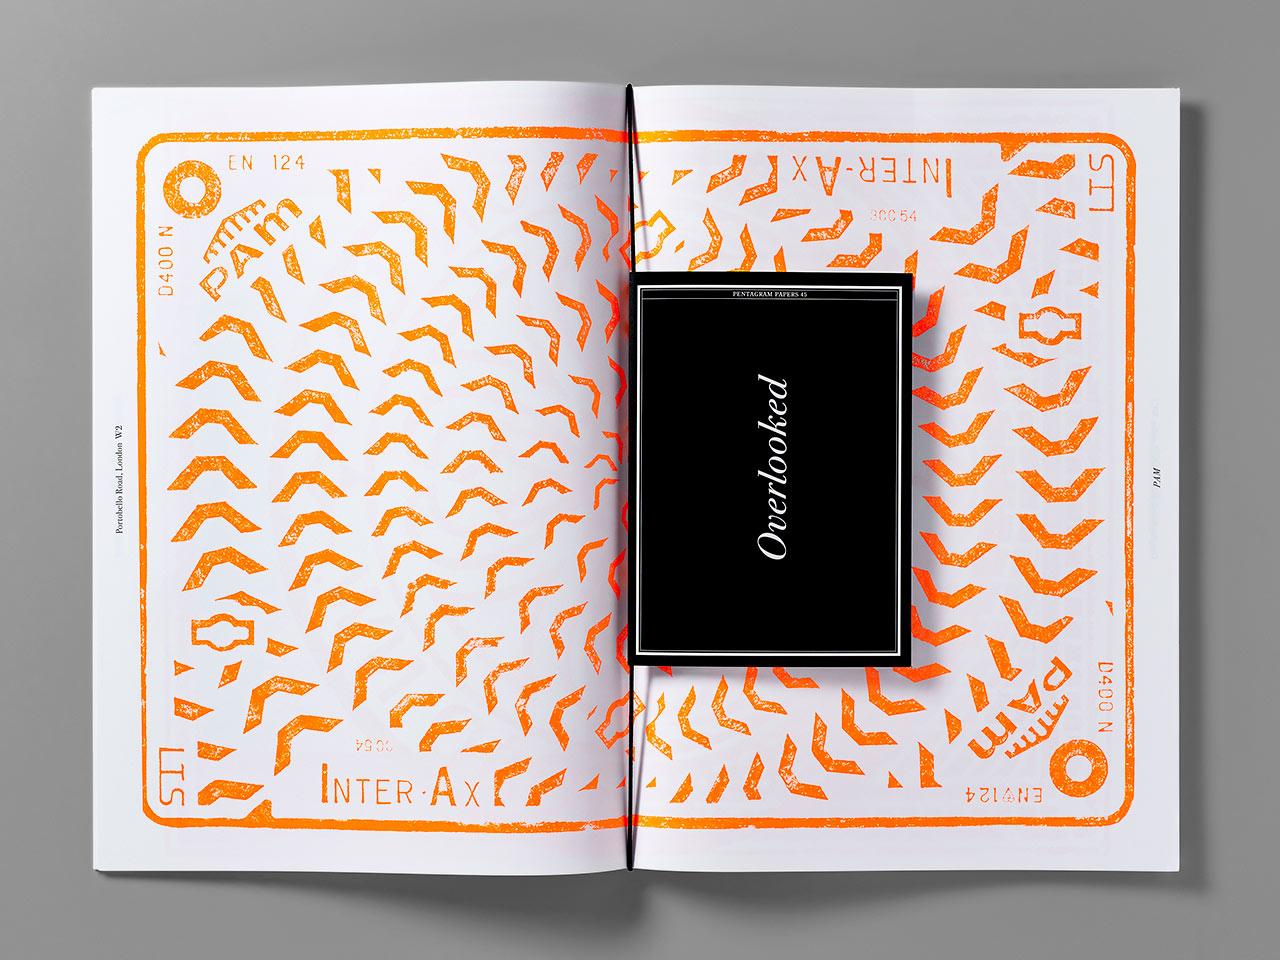 Pentagram_Overlooked-PP-book_13